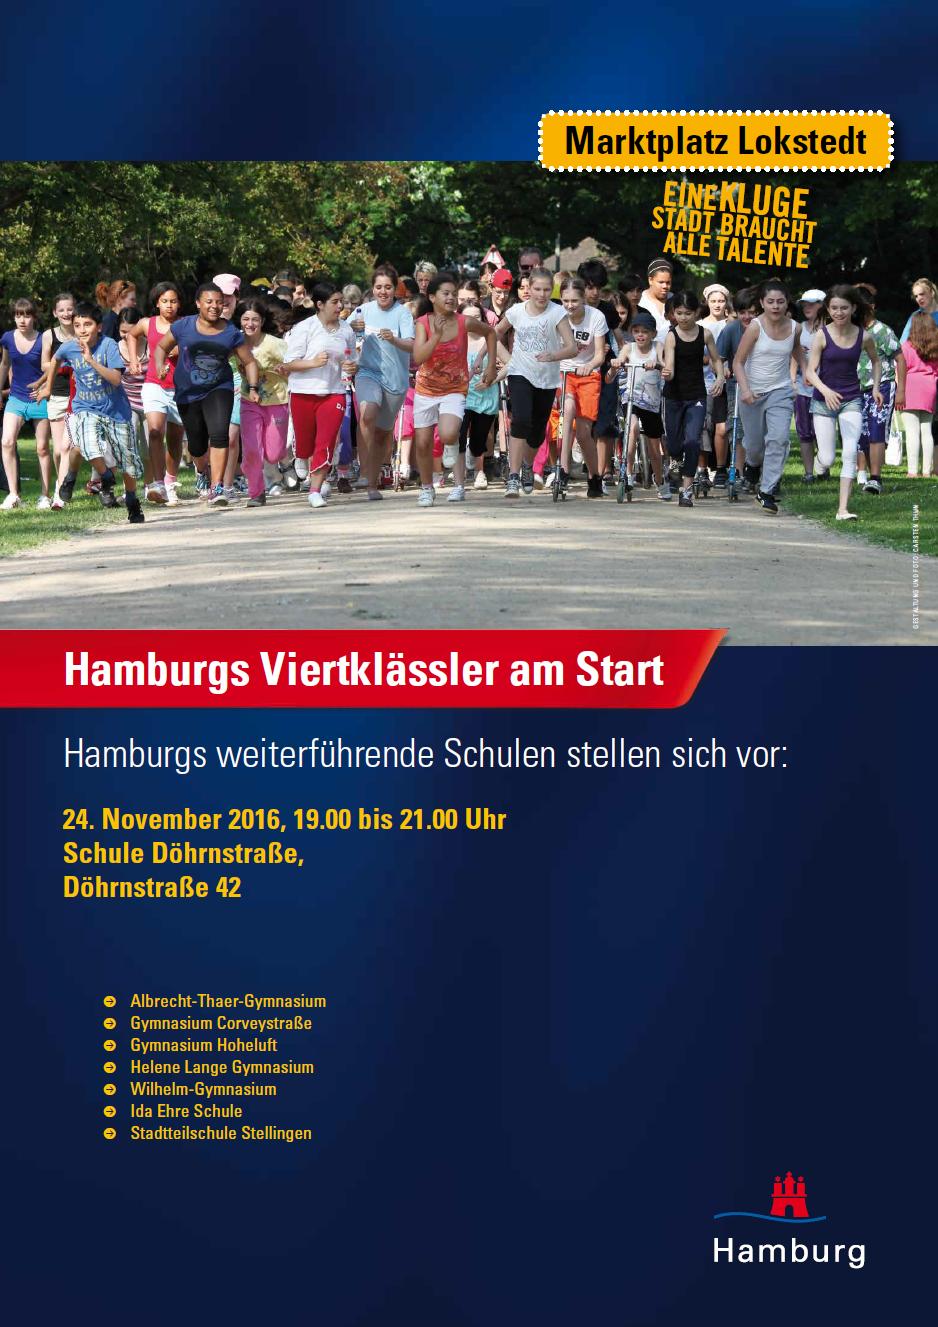 info-weiterfuehrende-schulen-lokstedt